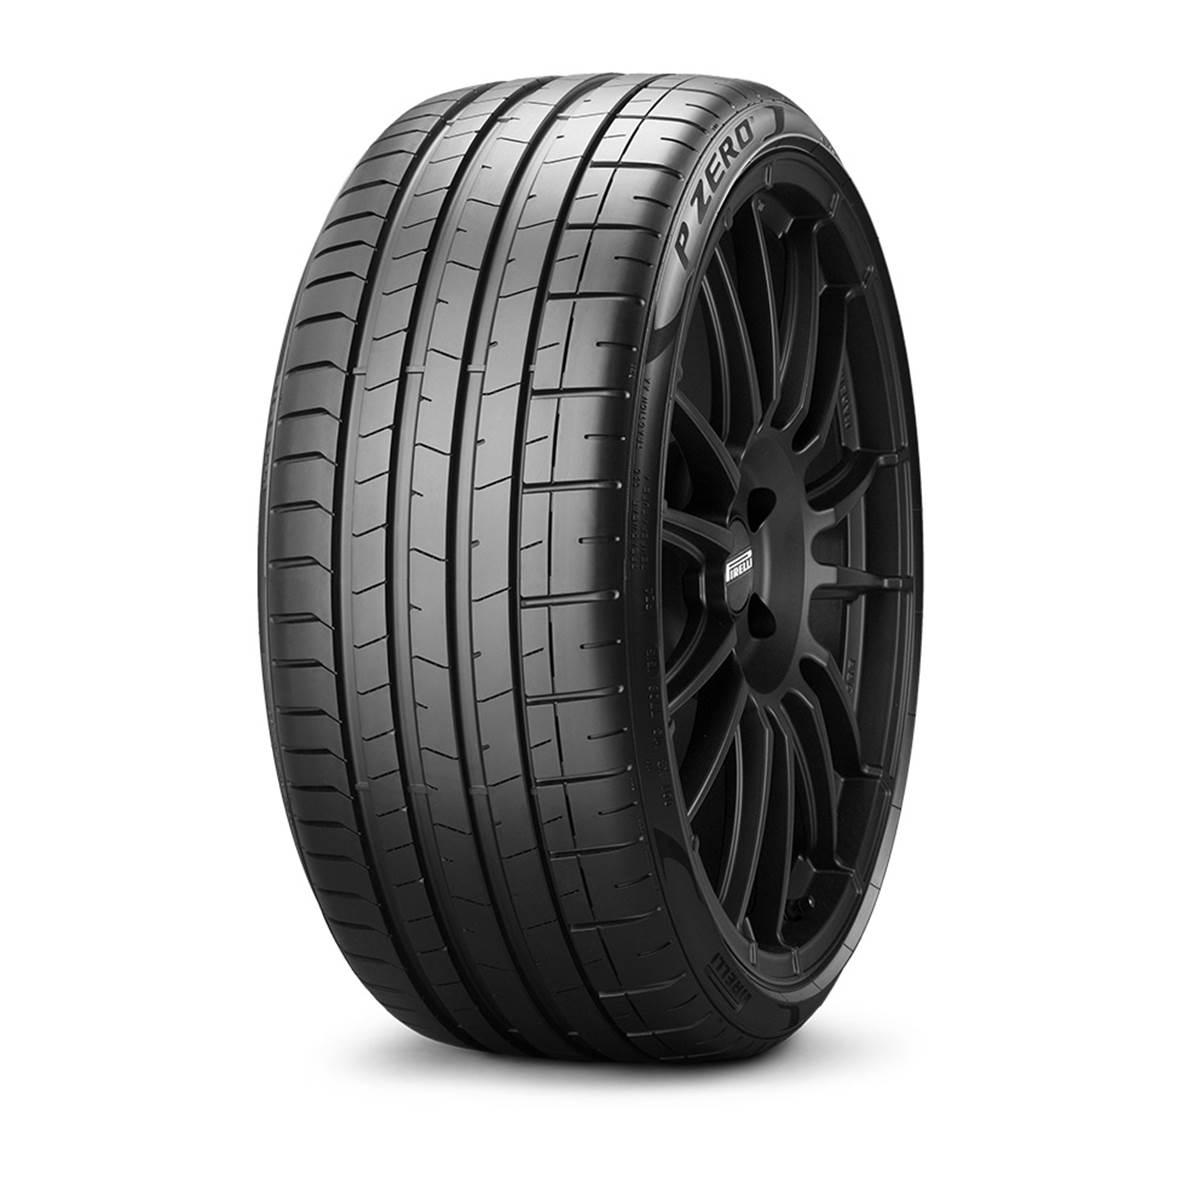 Pneu Pirelli 235/50R18 101Y Pzero XL